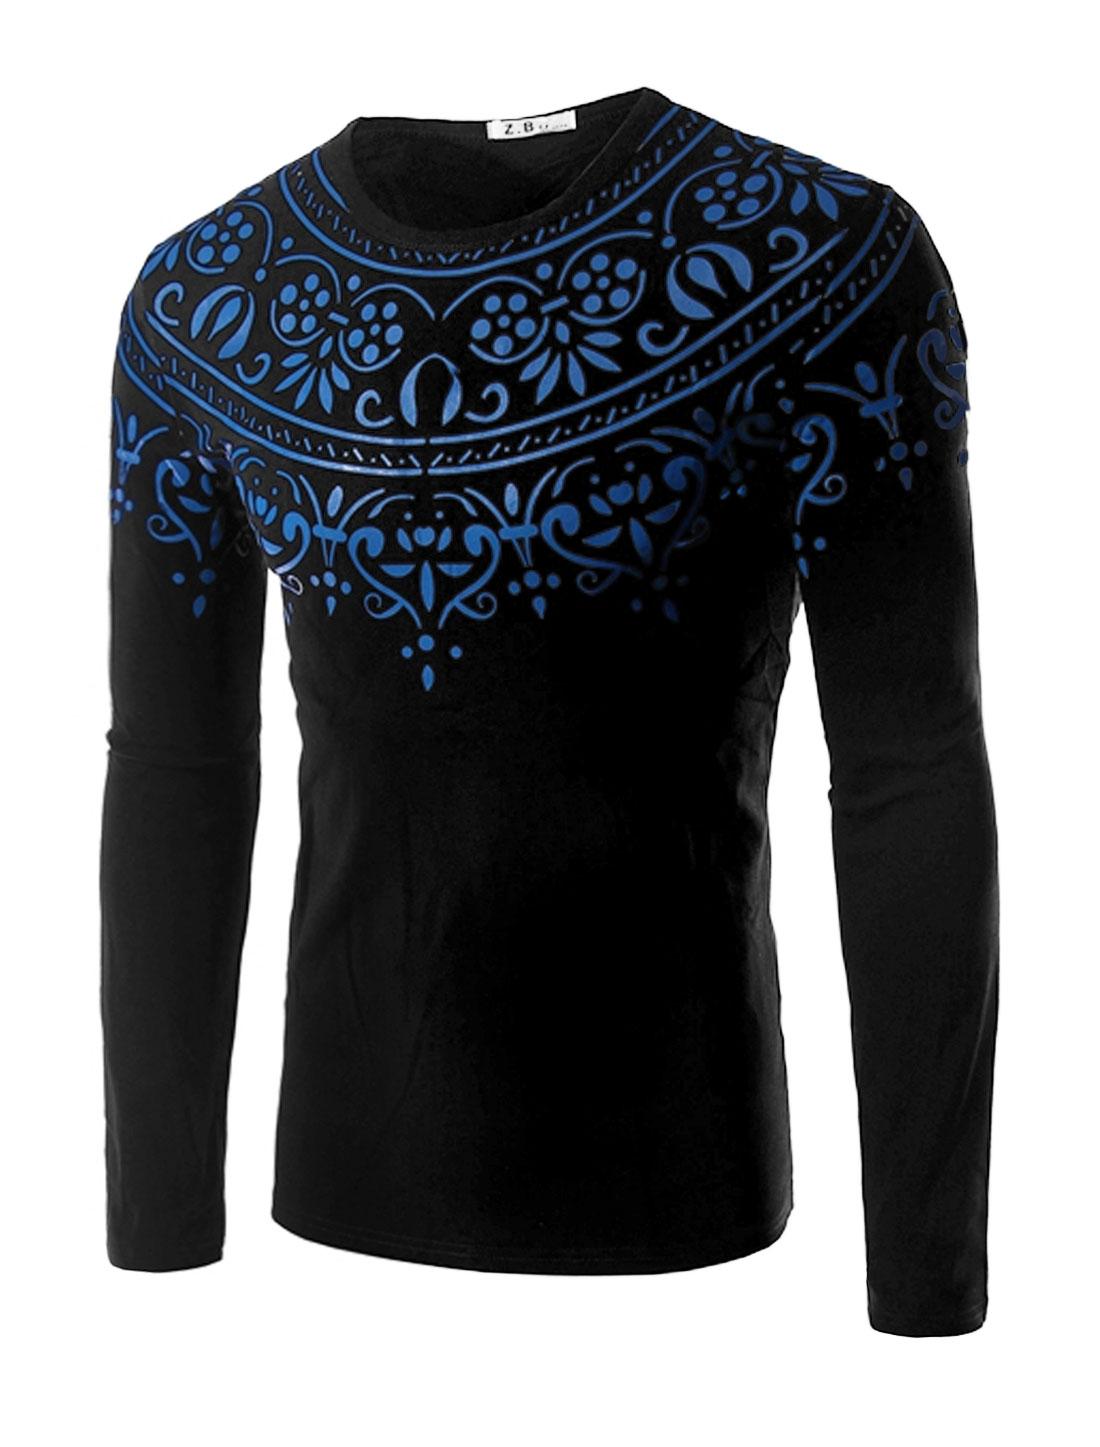 Men Long Sleeves Slim Fit Novelty Tee Shirt Black M